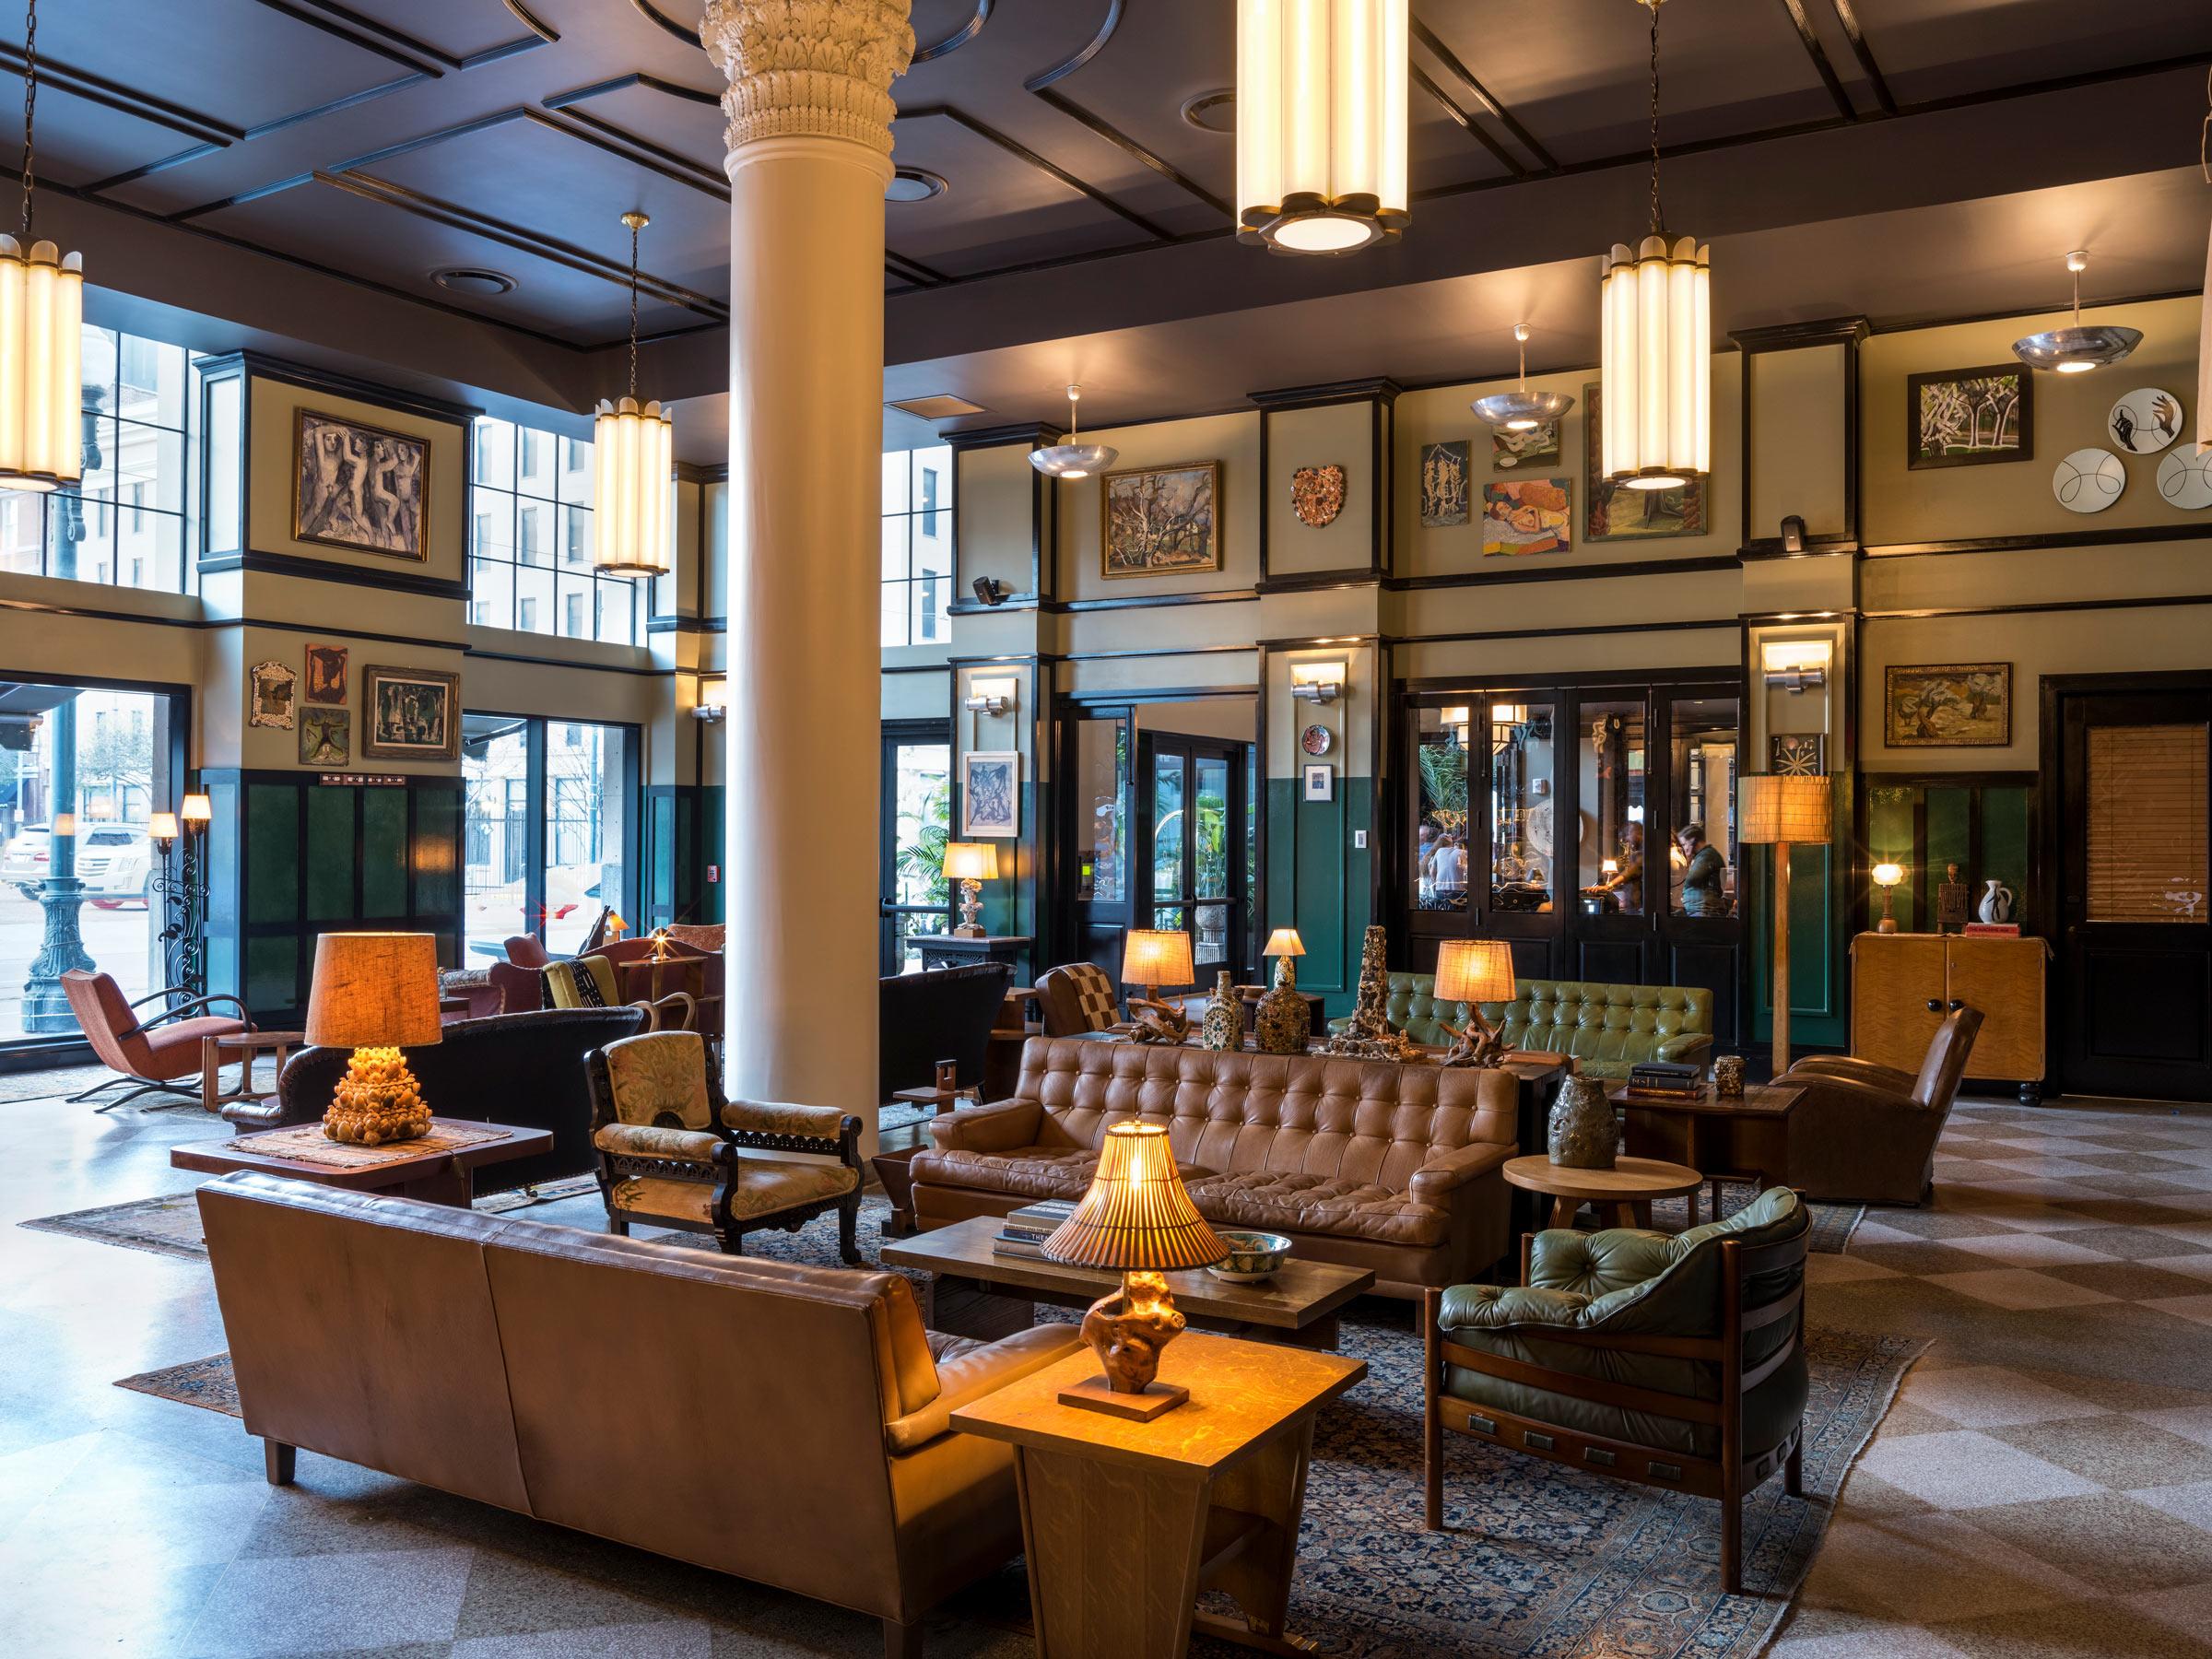 Ace-Hotel-New-Orleans_IMGP5587mcedit_Fran-Parente.jpg